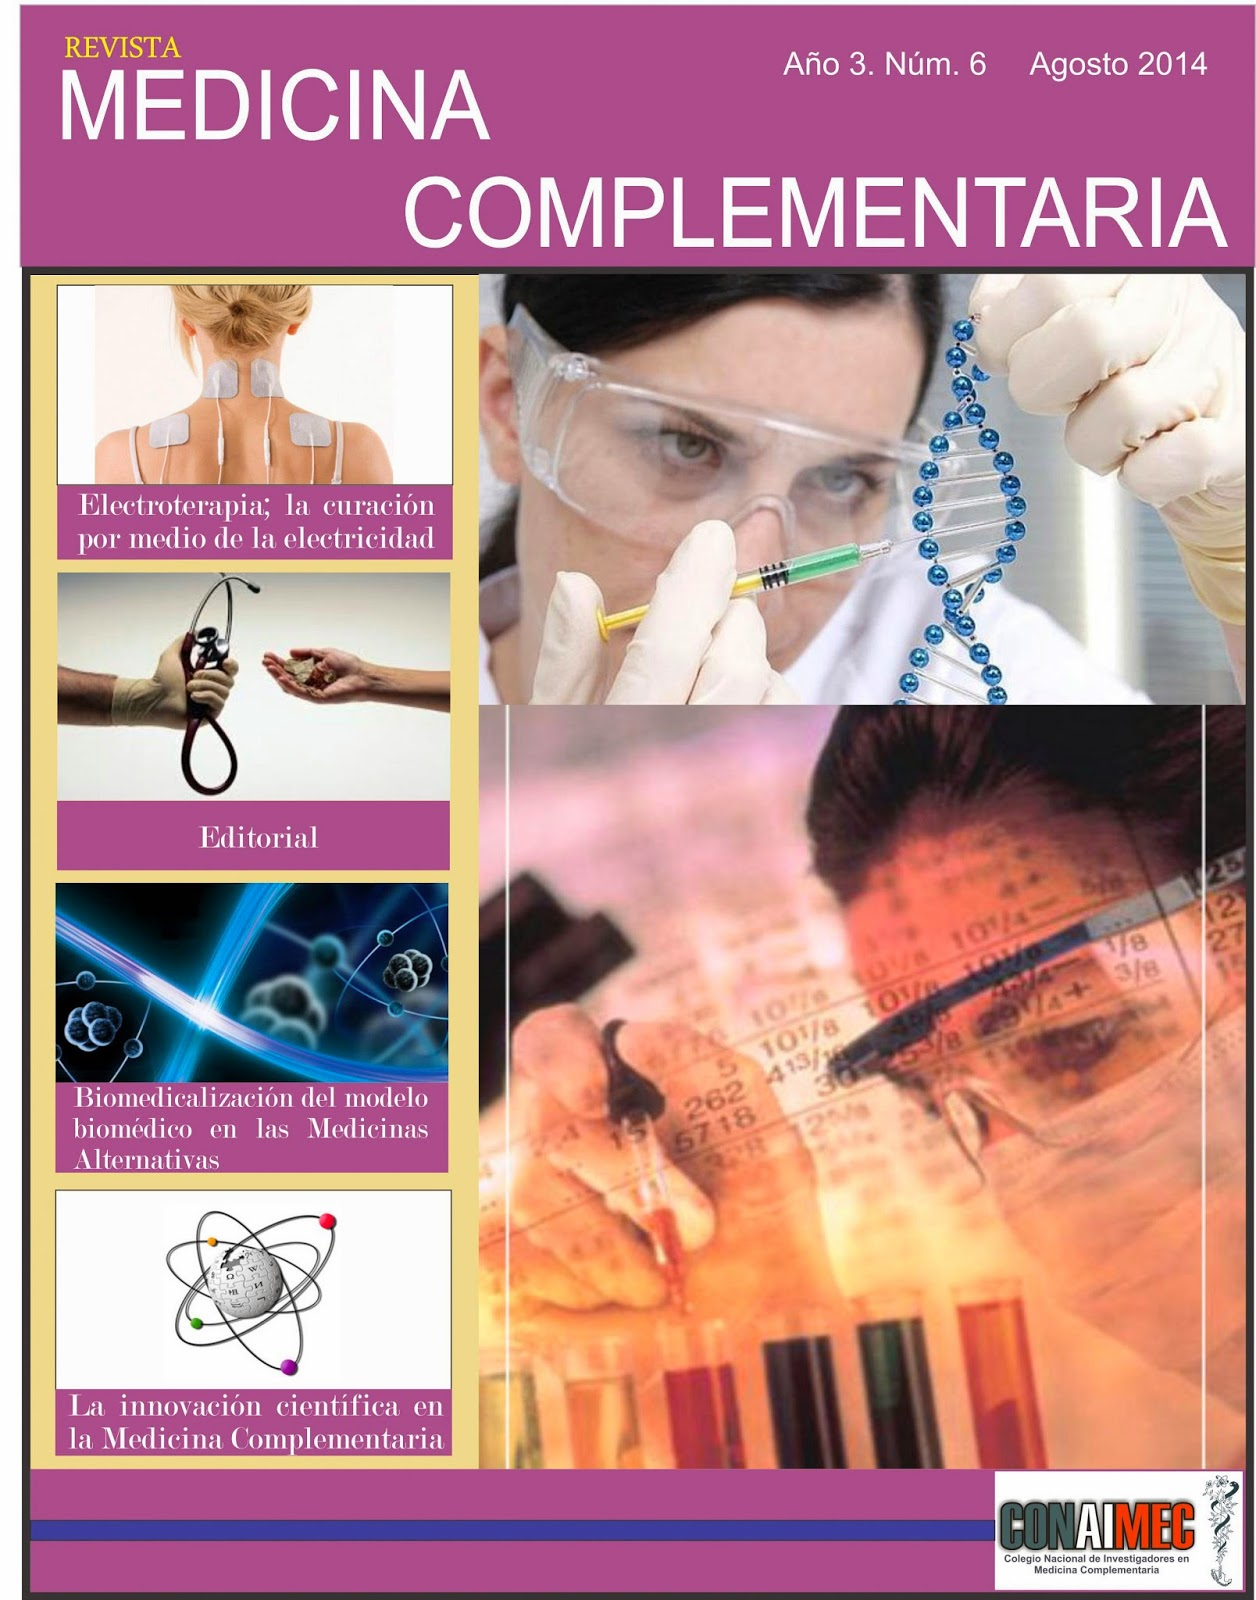 Descargar Revista 6 - CONAIMEC